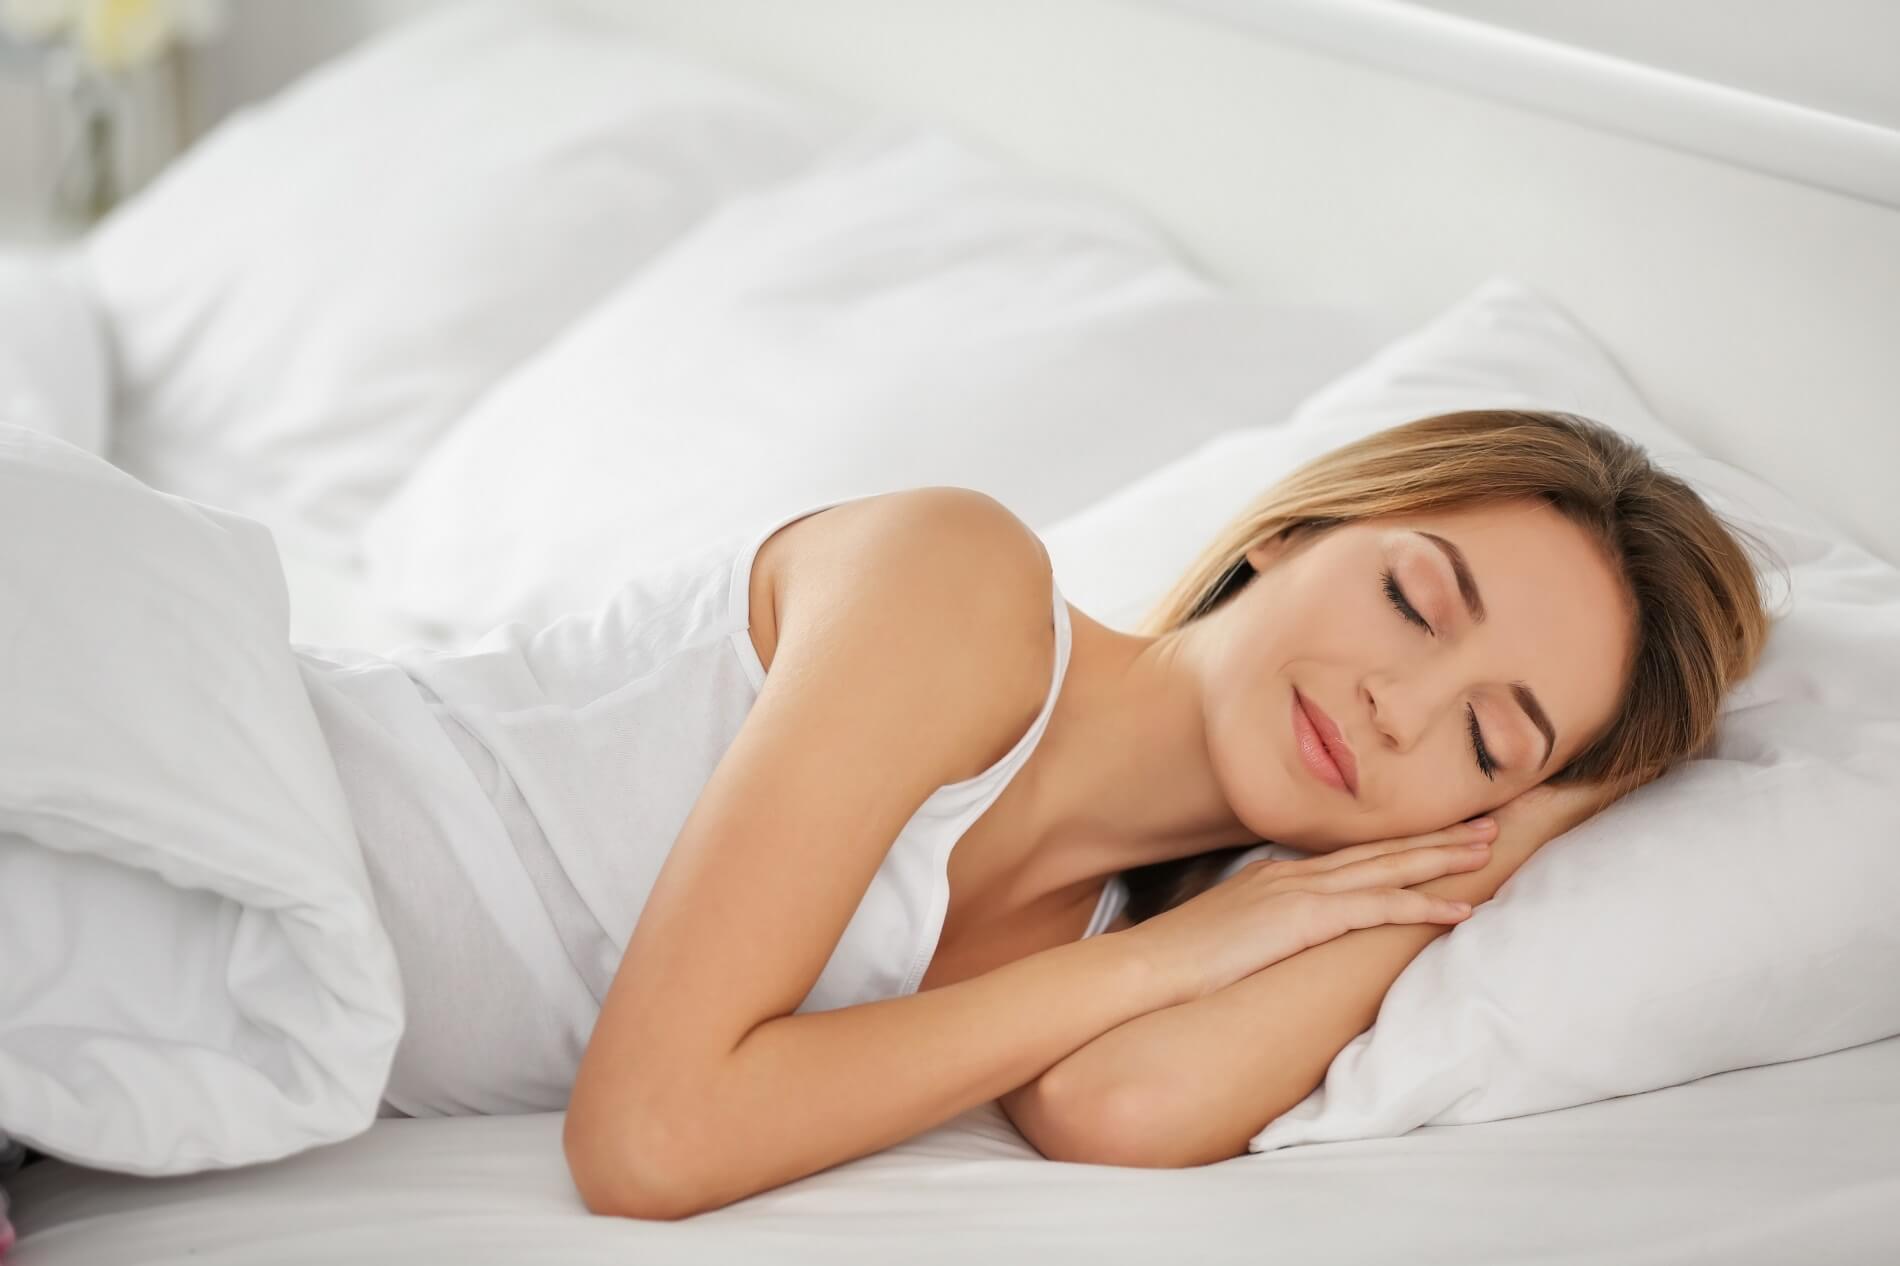 עמינח - לישון טוב. לחיות טוב - באנר ראשי דסקטופ